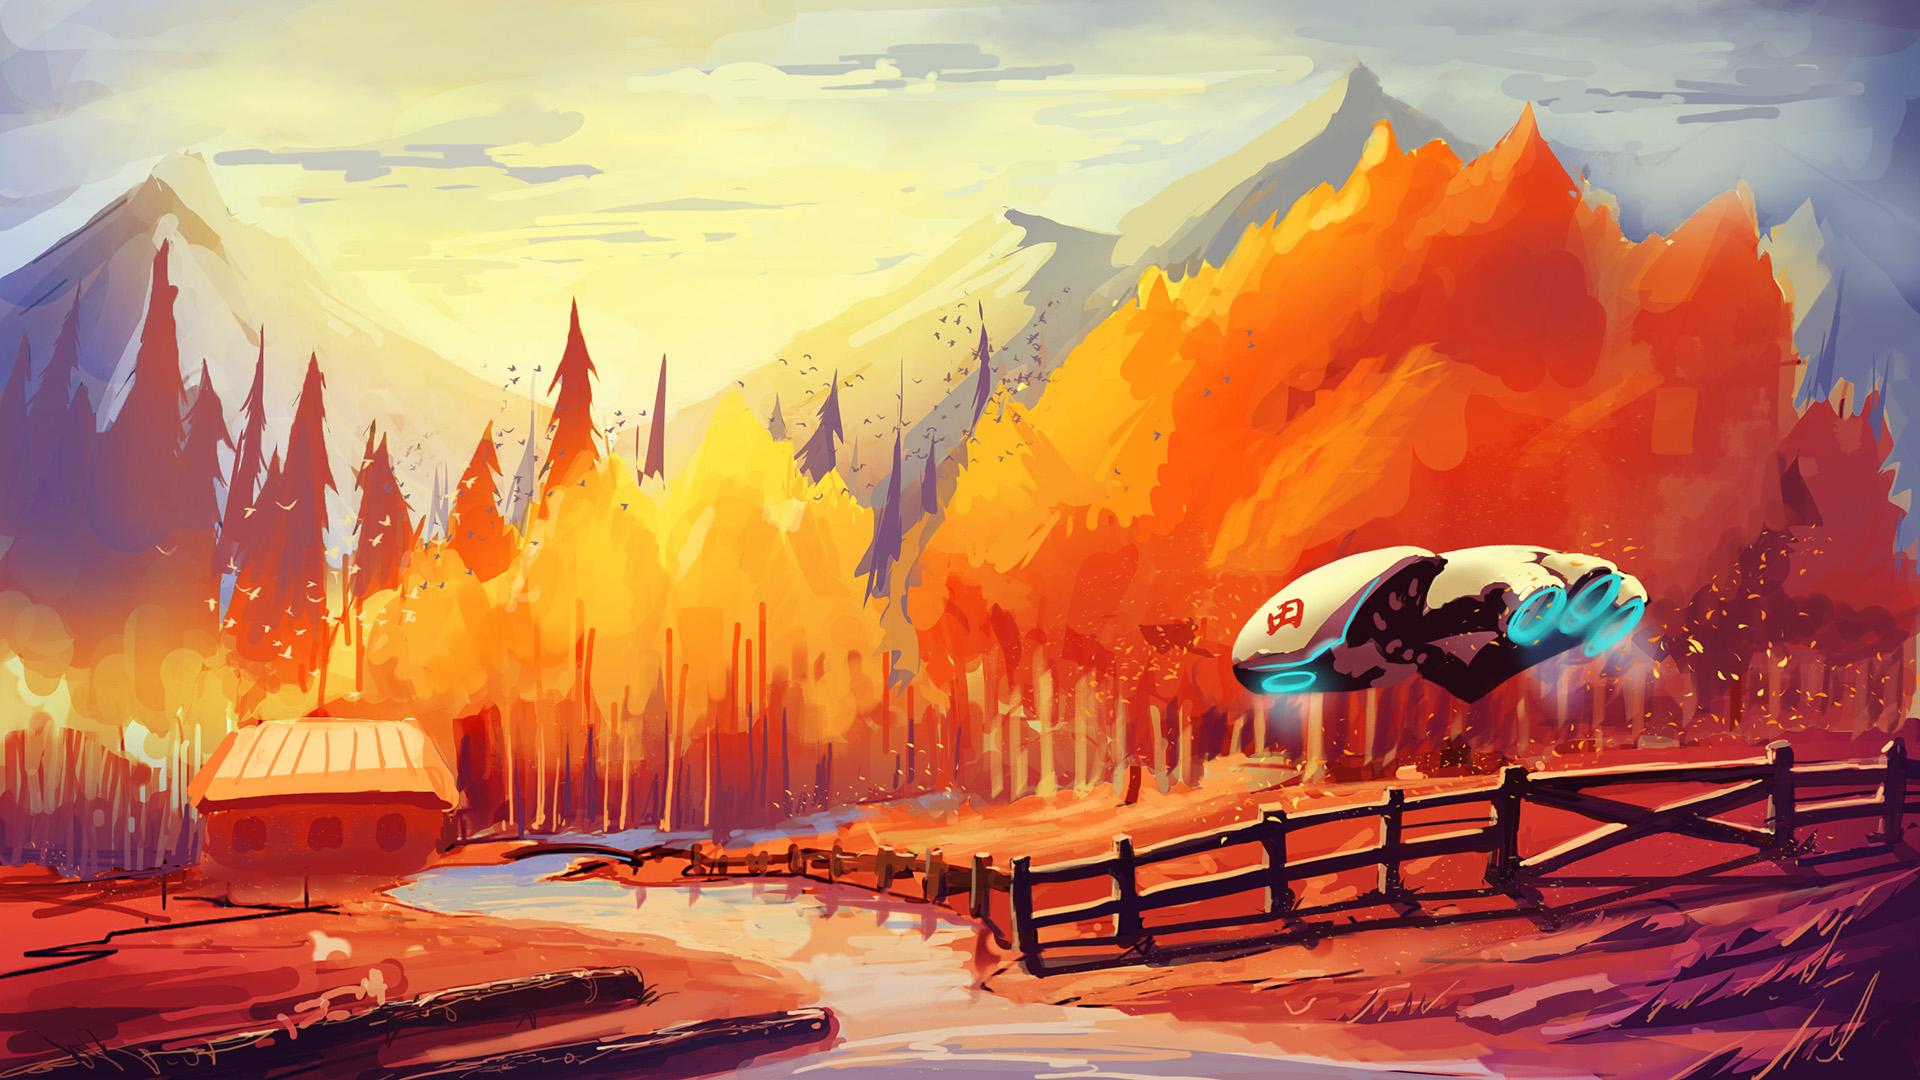 landscape_sketch_remaster_by_mrainbowwj-d9ftvsf.jpg